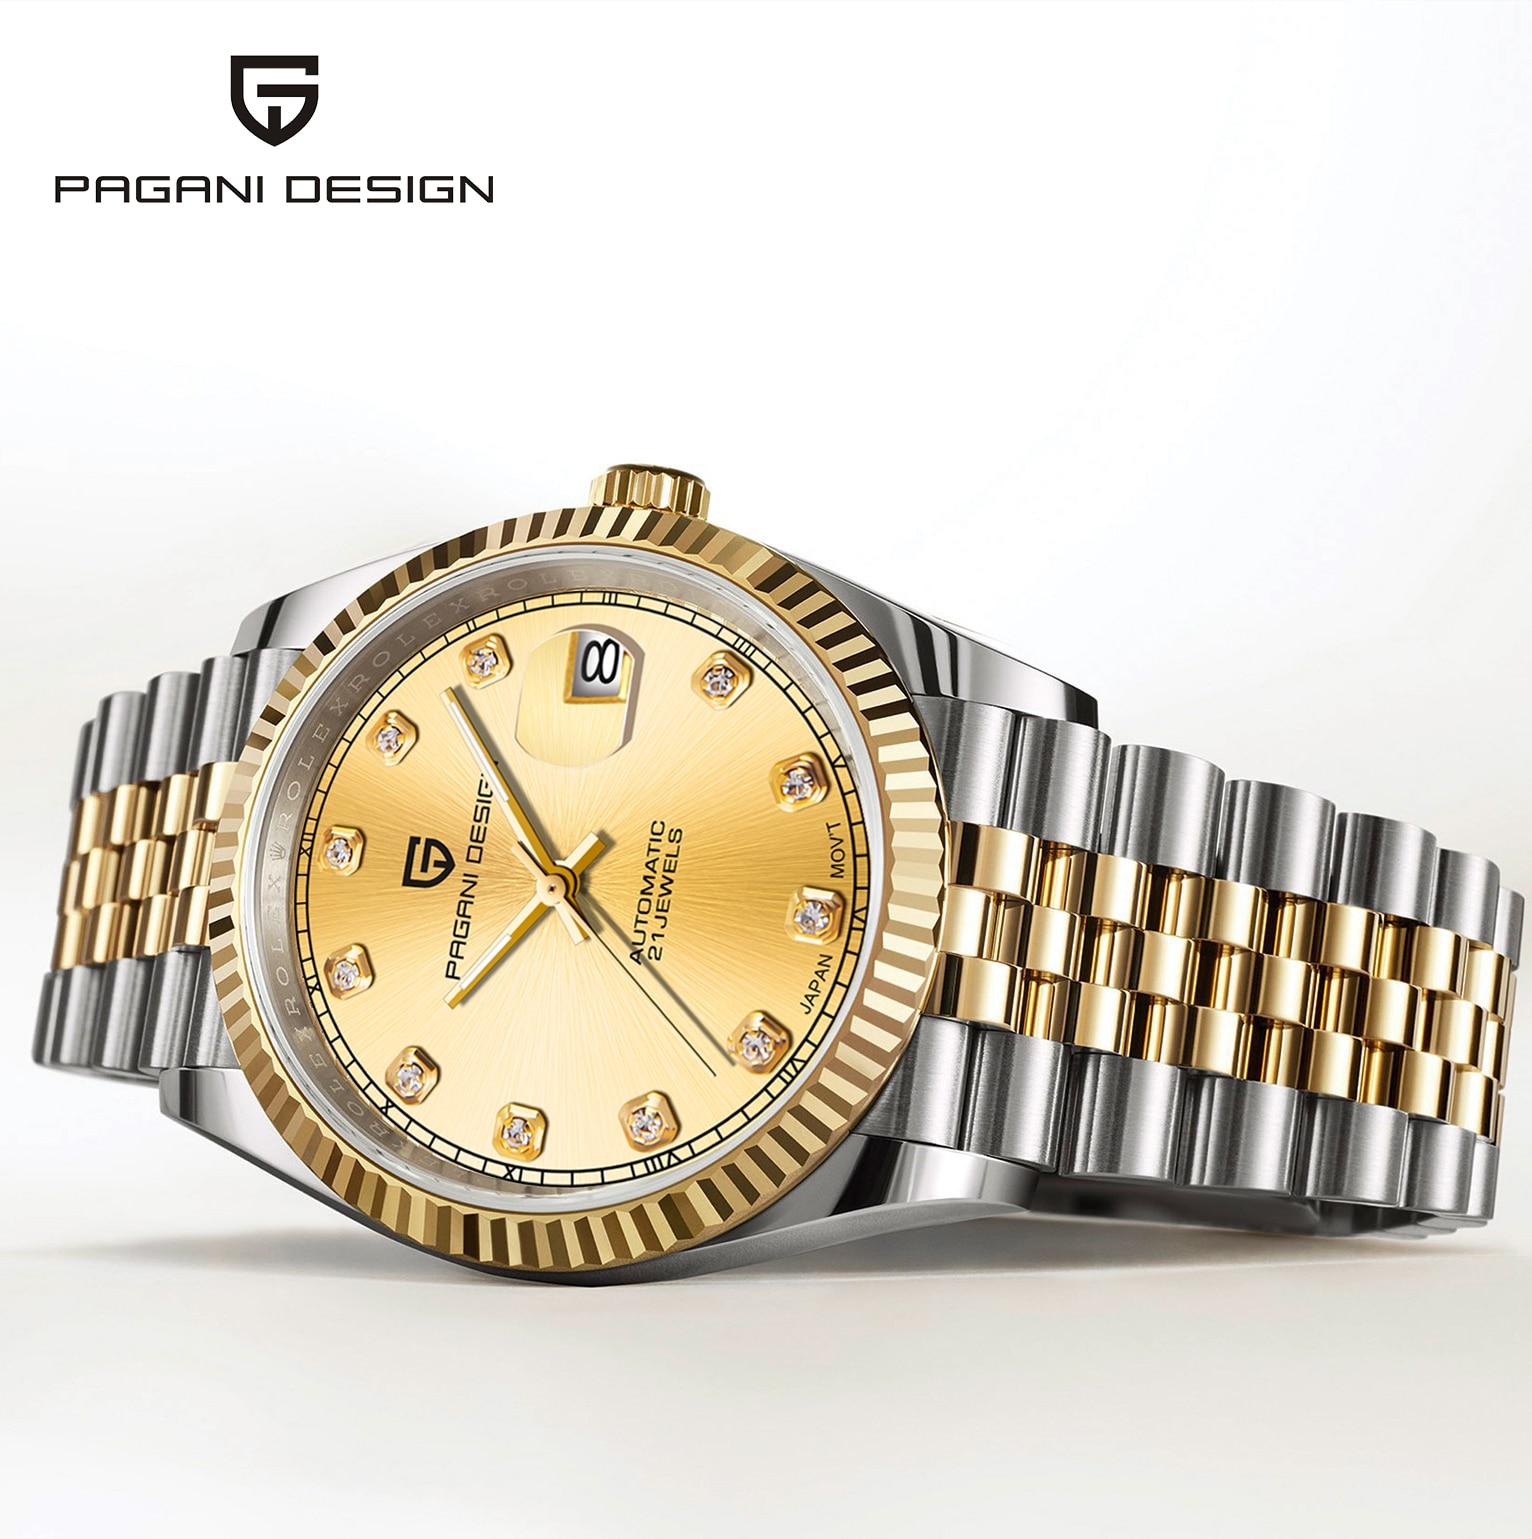 2021 جديد PAGANI تصميم العلامة التجارية العليا الرجال ساعة ميكانيكية الياقوت ساعة أوتوماتيكية الرياضة مقاوم للماء الرجال ساعة Relogio Masculino